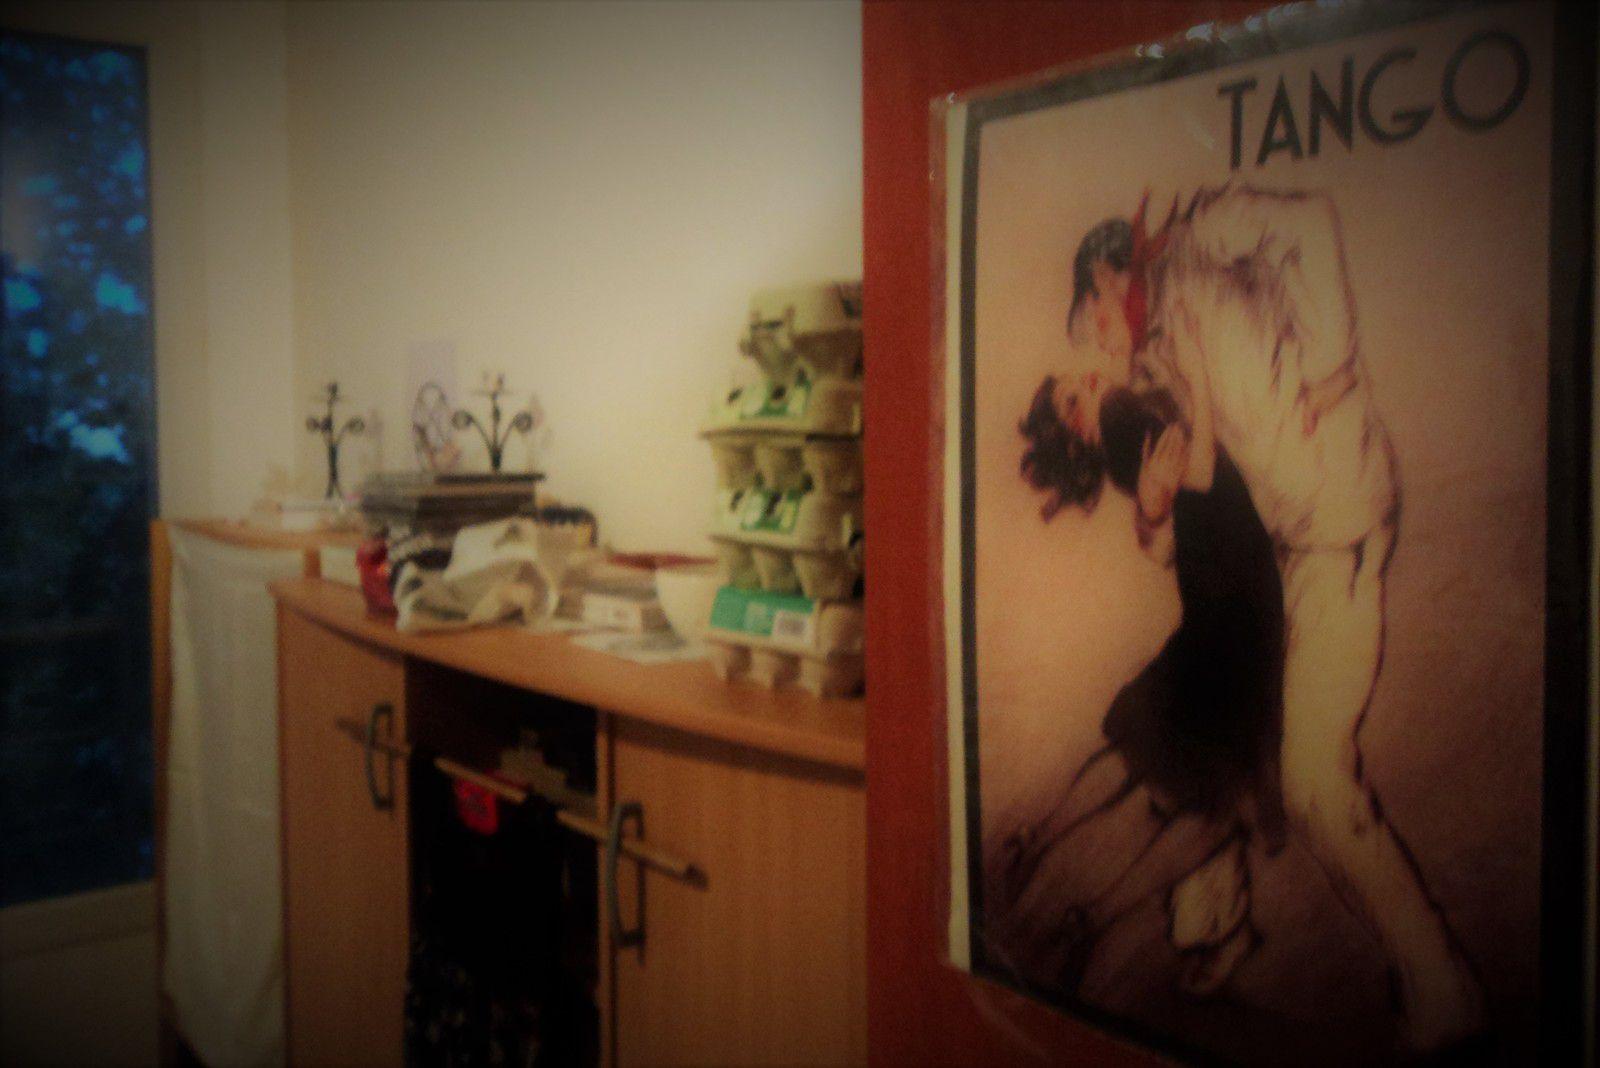 mon premier cours de tango argentin, premier pas de tanguero vers la femme, anecdote histoire témoignage d'un homme qui s'est transformé en tanguera. De la violence à la paix intérieure, la Foi en Dieu